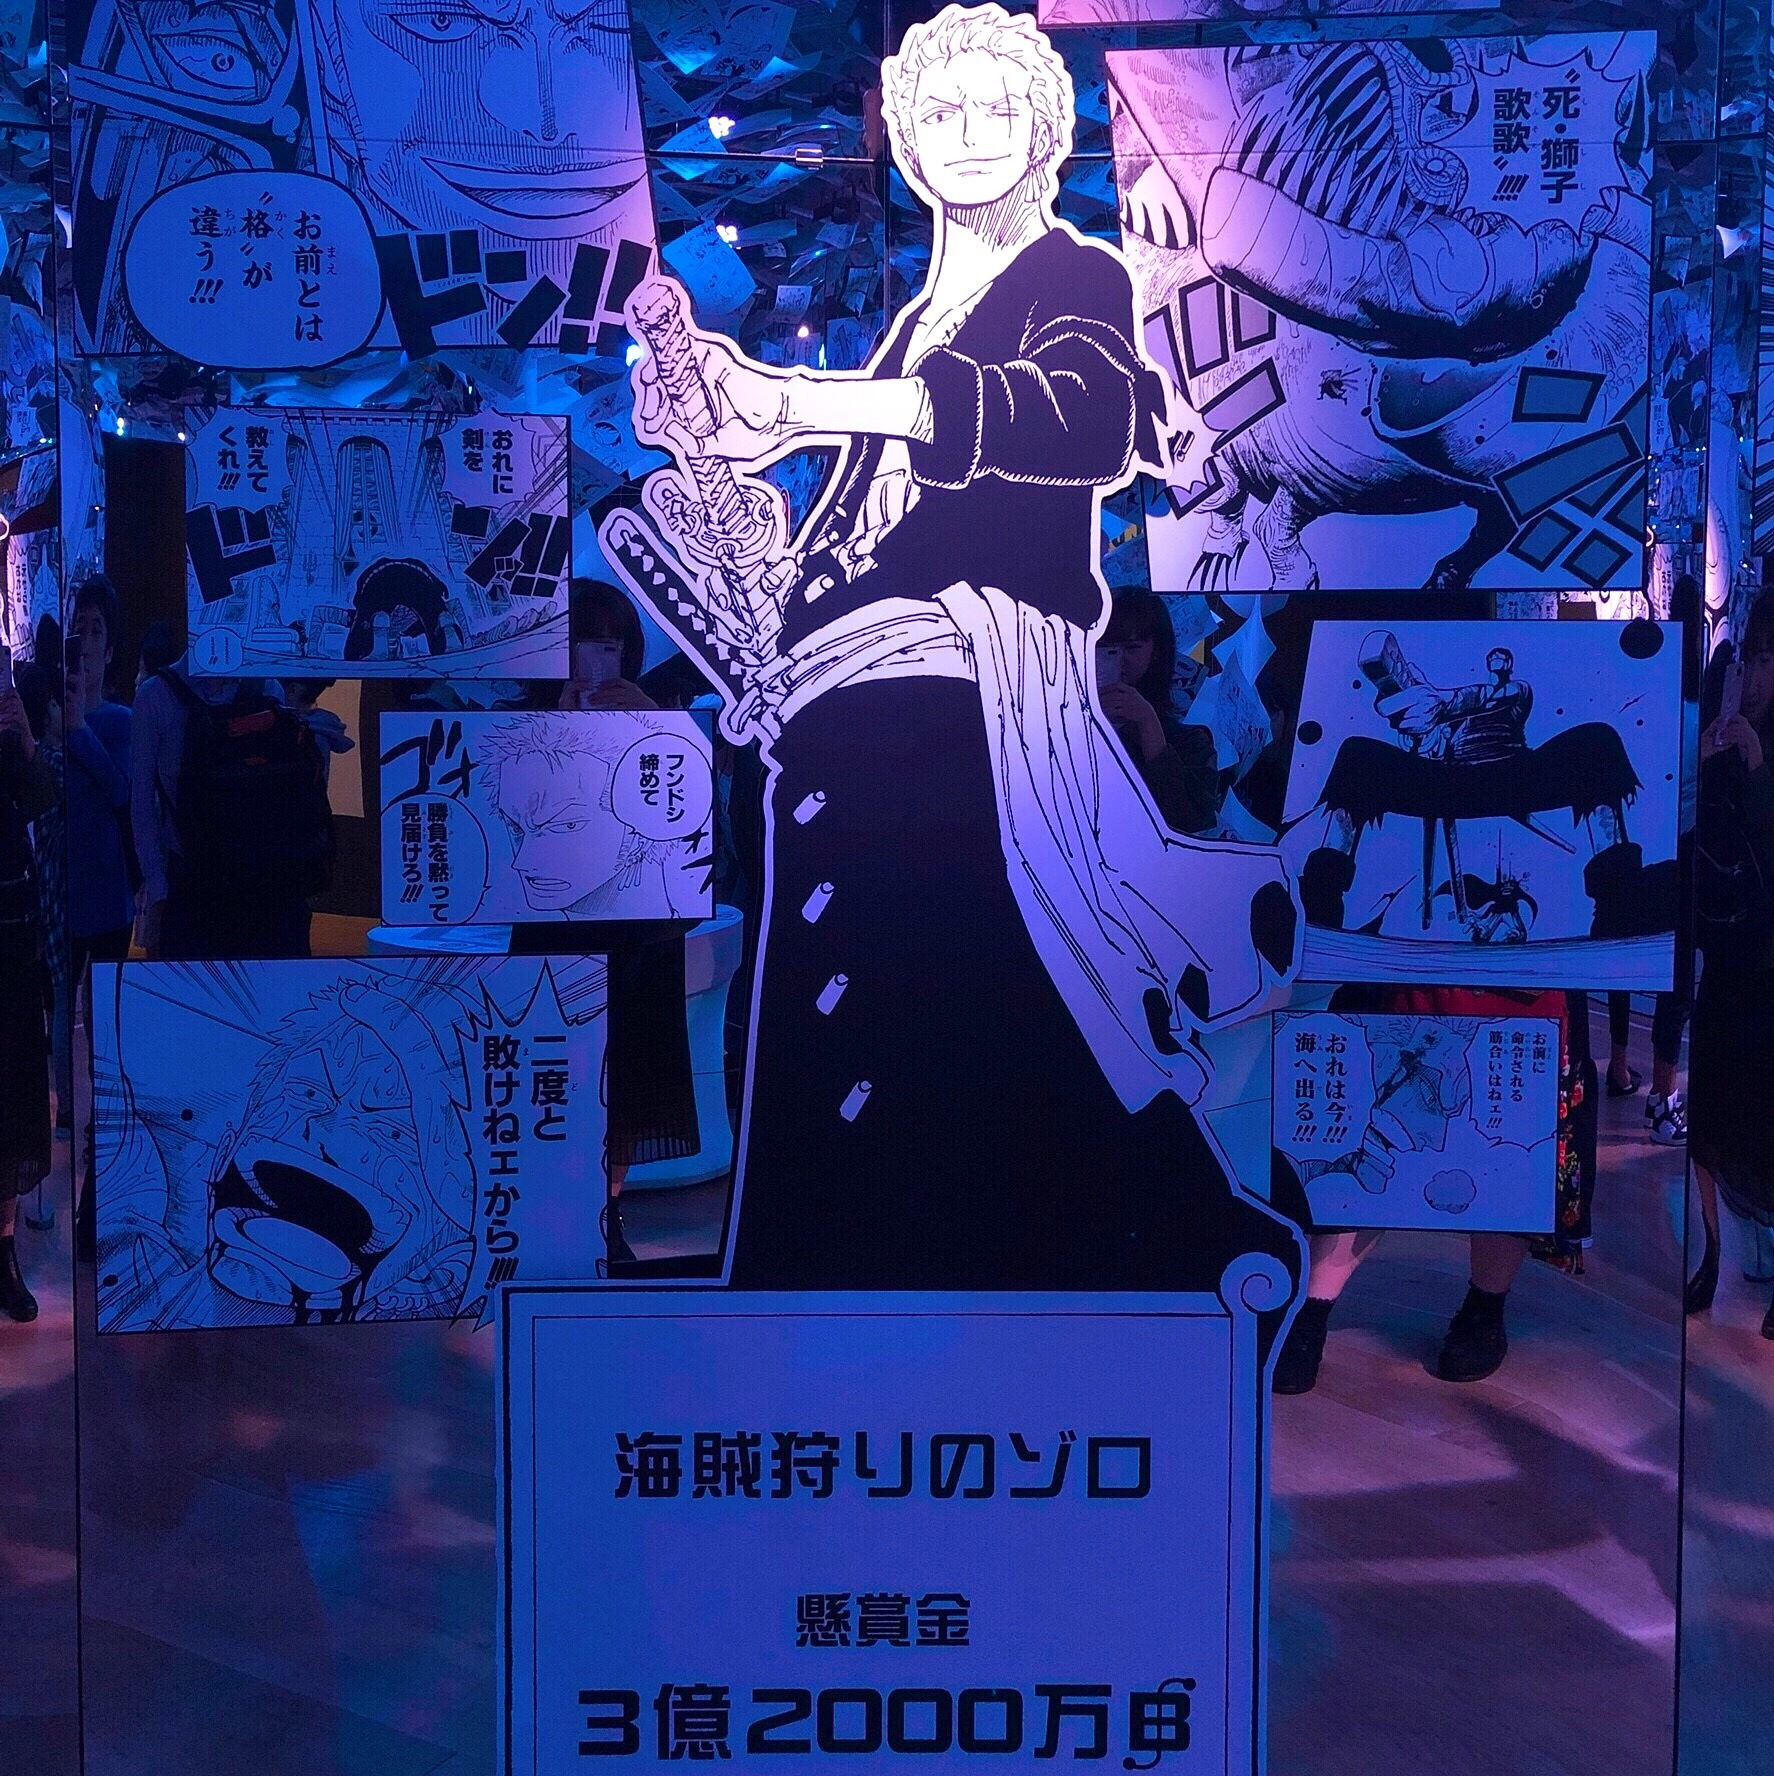 【 第124回❤︎ 】『創刊50周年記念 週刊少年ジャンプ展 VOL.3』☺︎_1_3-3